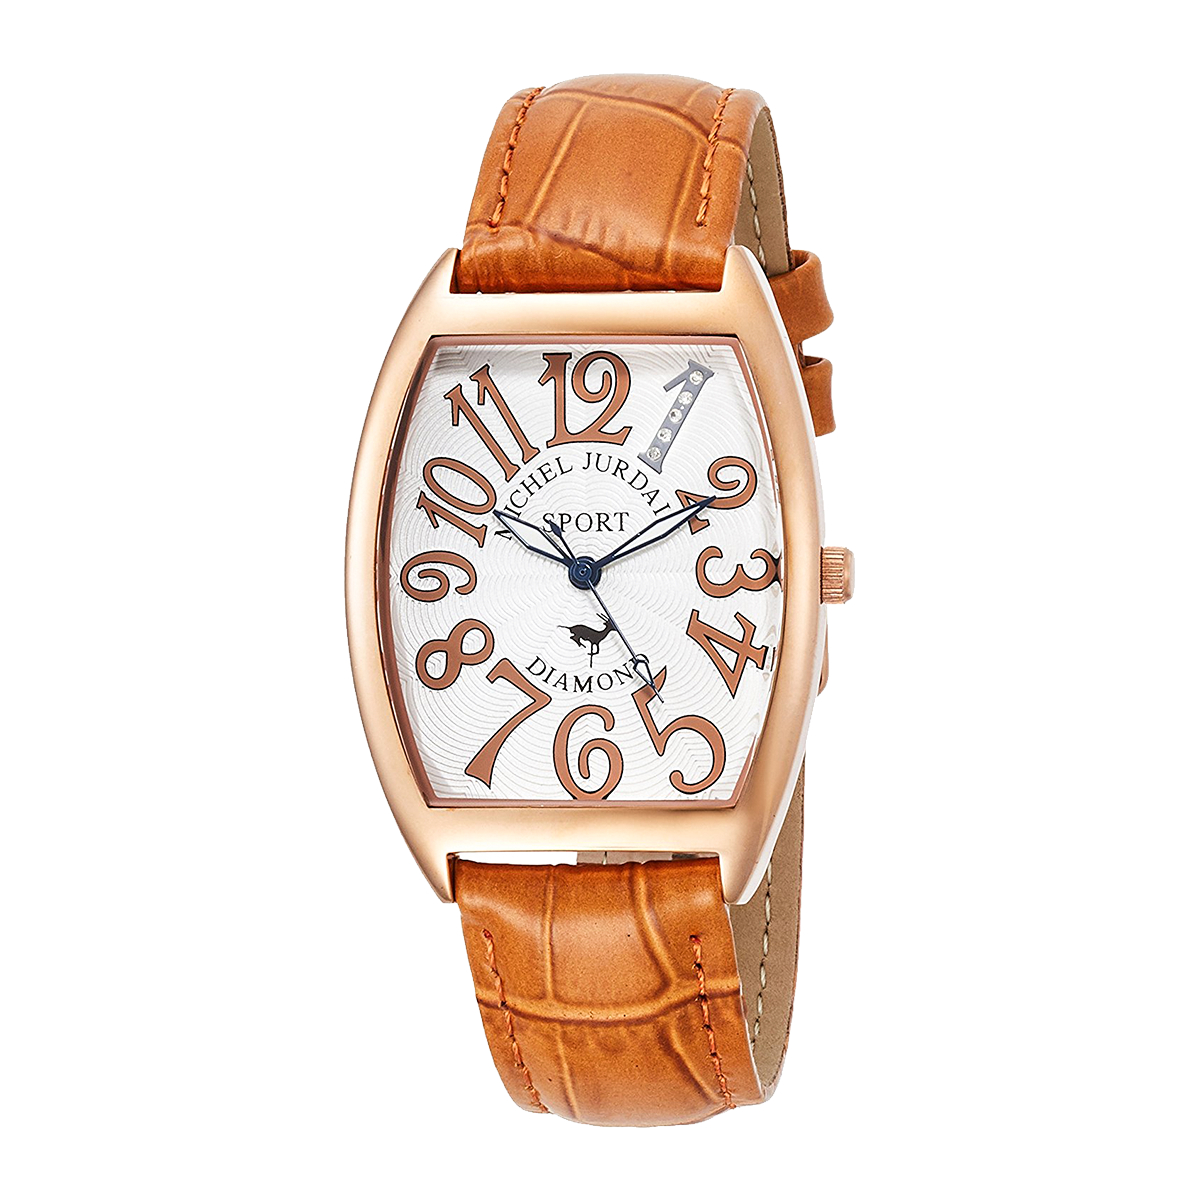 ミッシェル・ジョルダン MICHEL JURDAIN トノー型ダイヤモンド SG-1100-3 ユニセックス 時計 腕時計 クオーツ